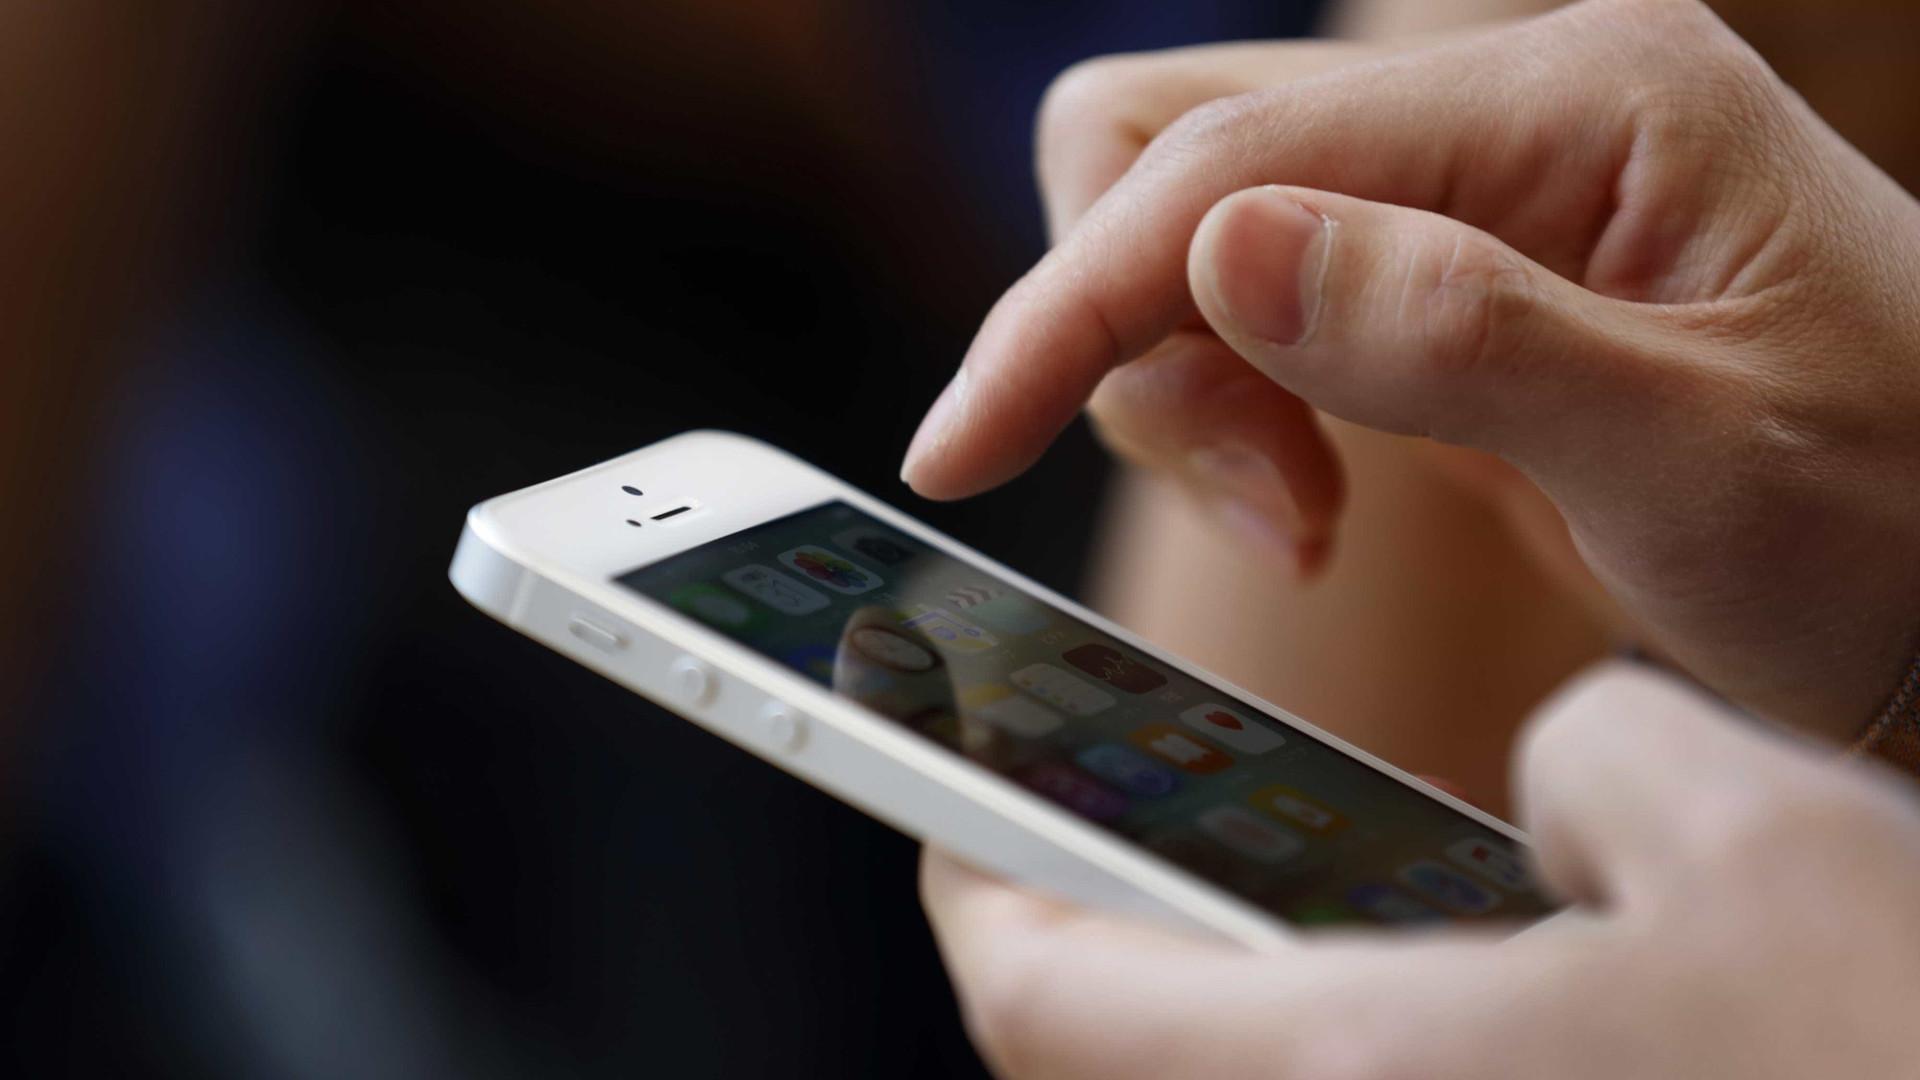 Cuidado. Há um erro no iPhone que bloqueia o smartphone